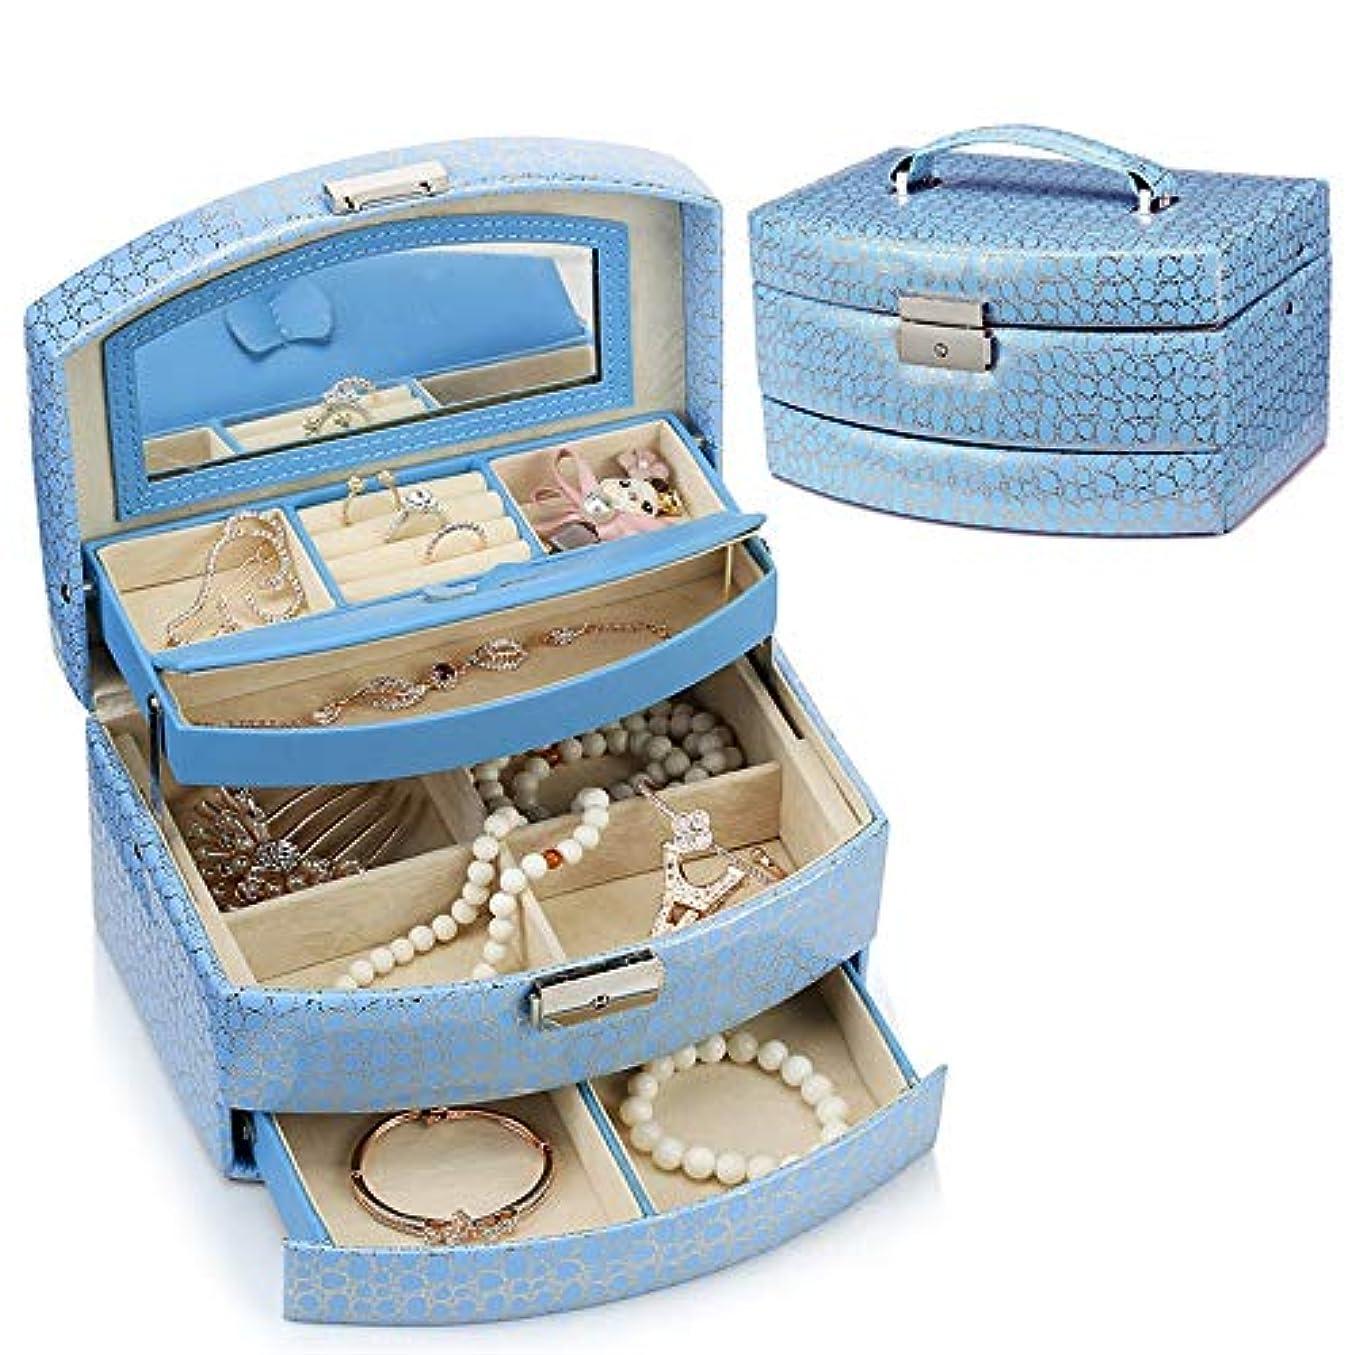 パラダイス貧困致命的化粧オーガナイザーバッグ 多層の引き出し女性の宝石の収納箱小物のストレージのための 化粧品ケース (色 : 青)